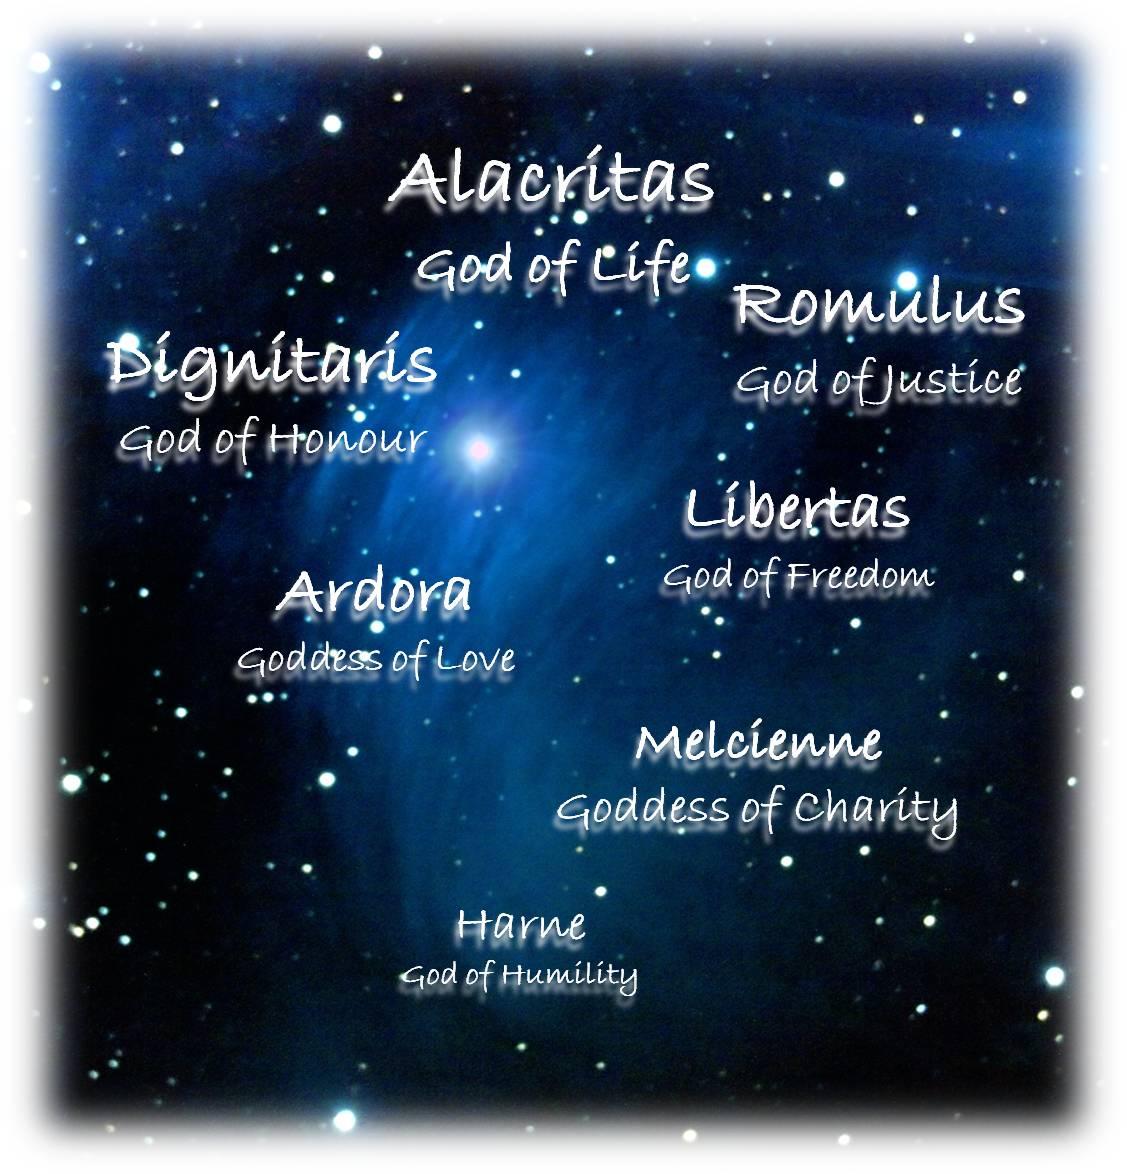 Good Gods' Pantheon